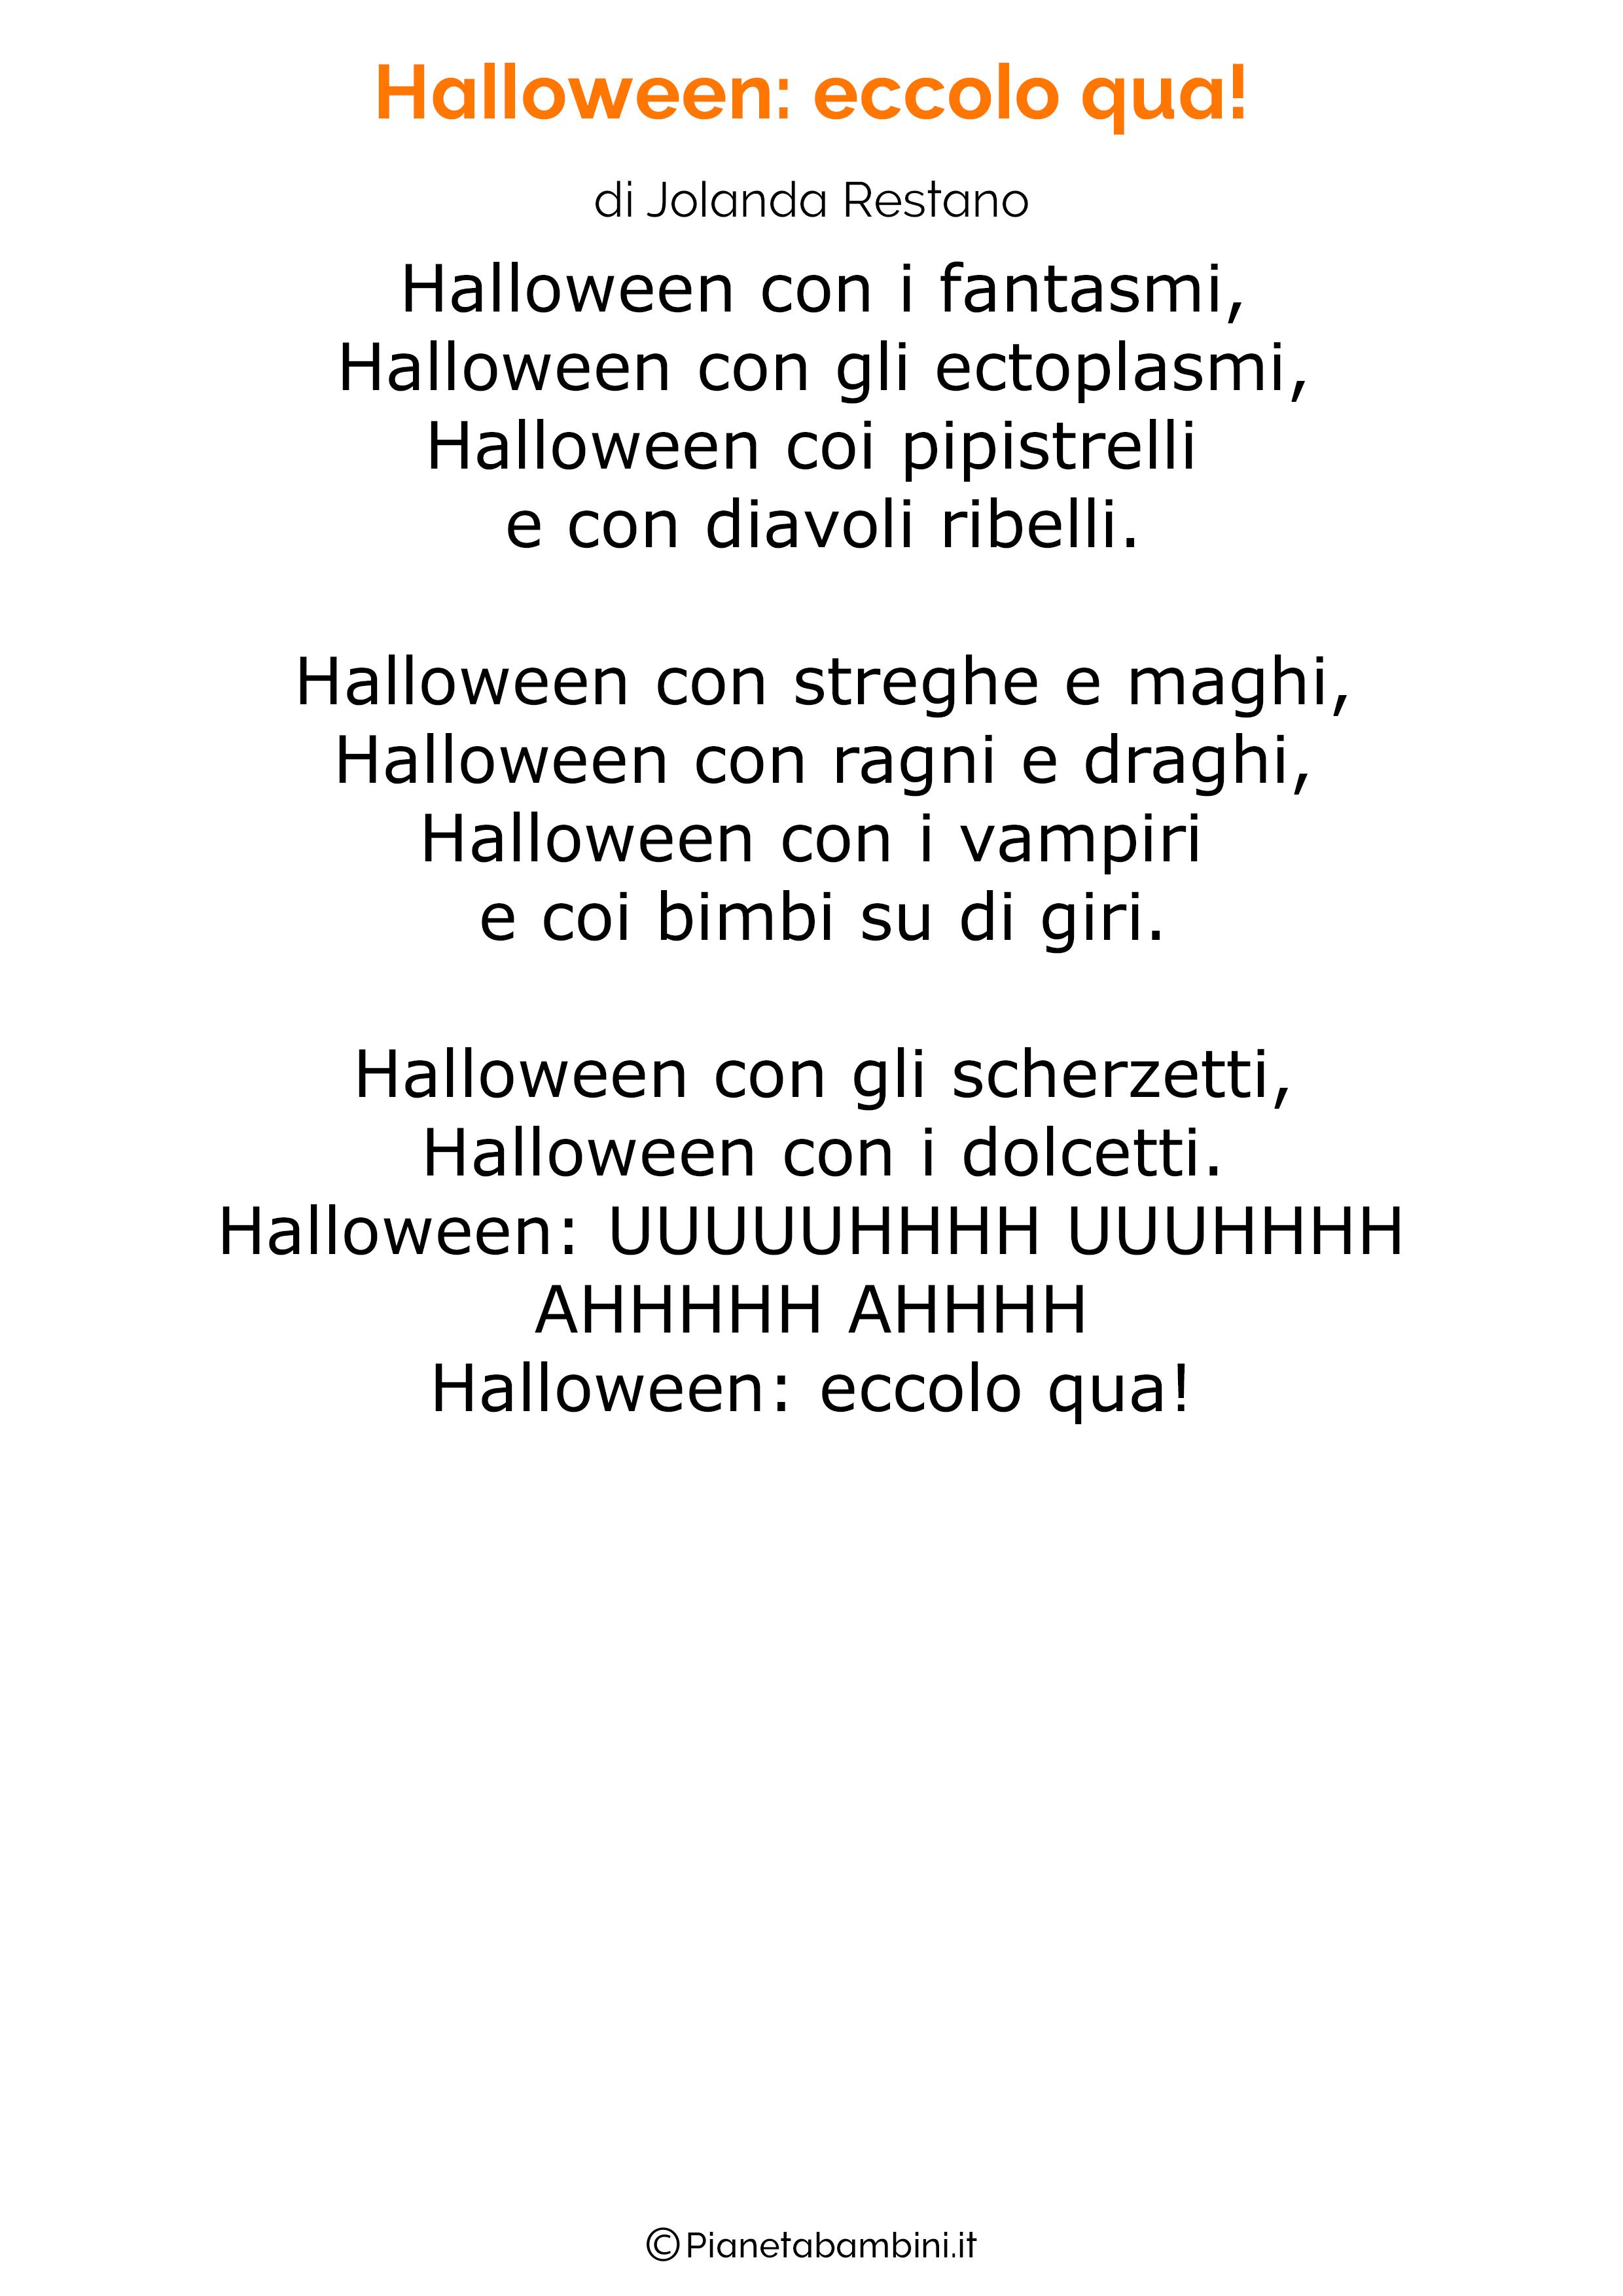 Filastrocca di Halloween per bambini 11